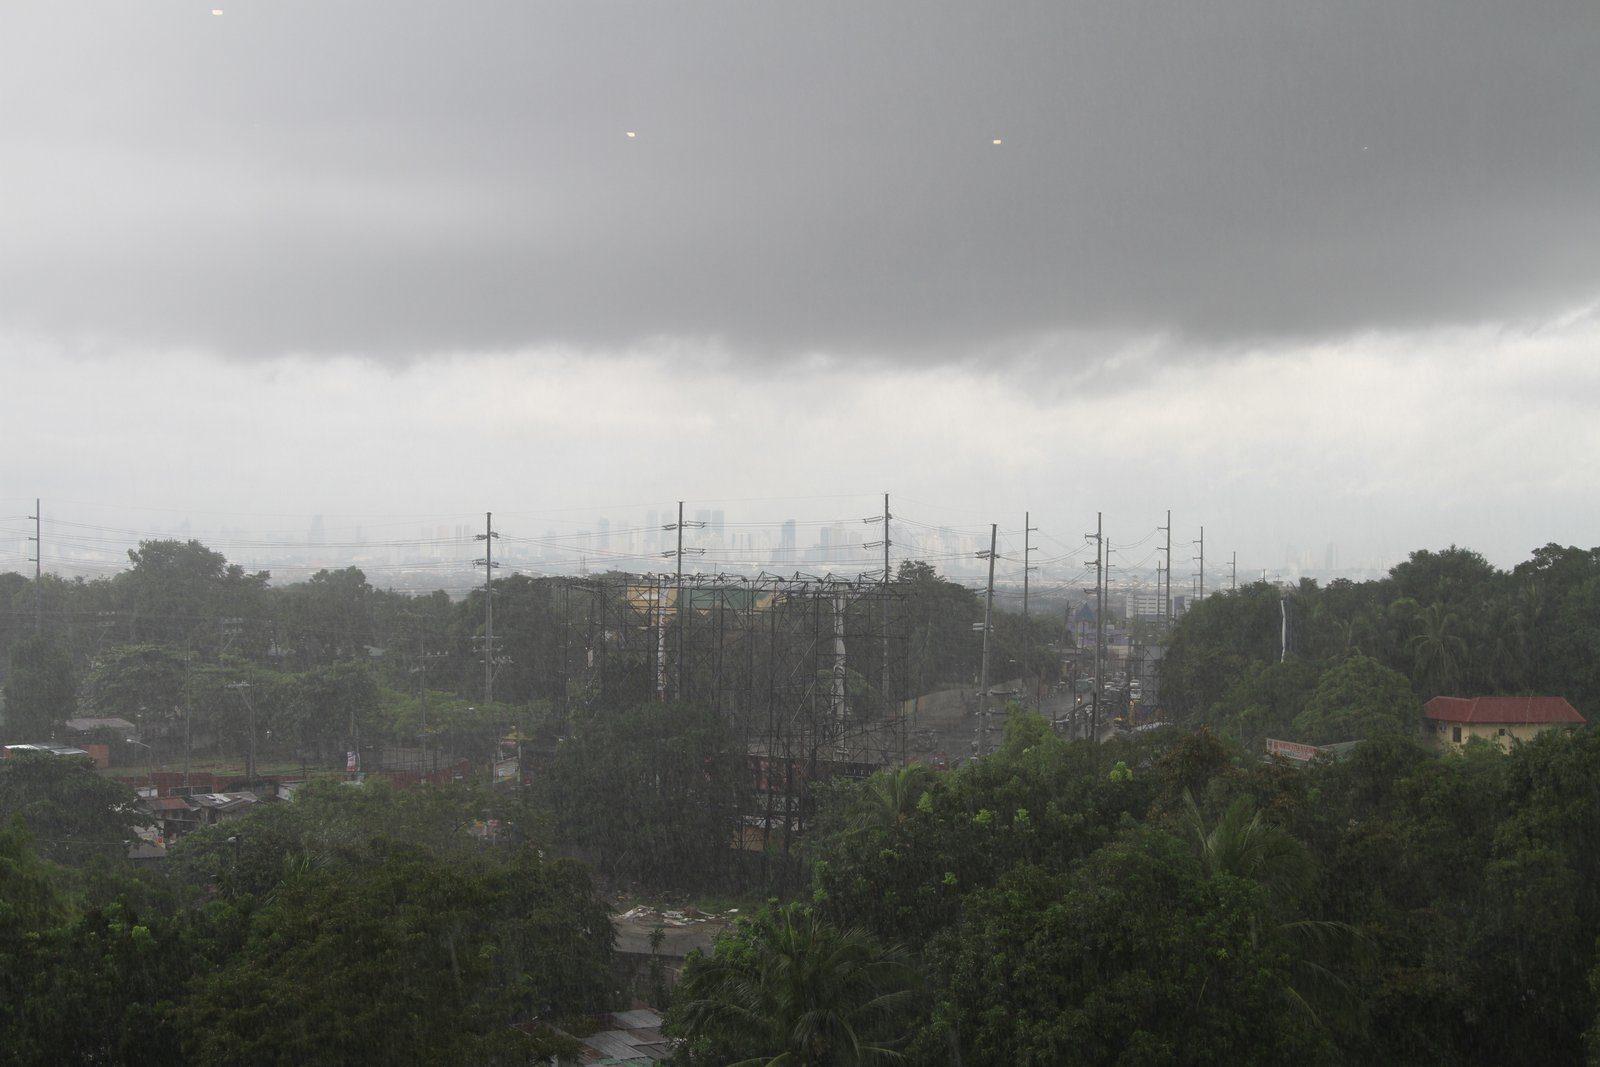 Manila experiencing heavy rains from typhoon Labuyo